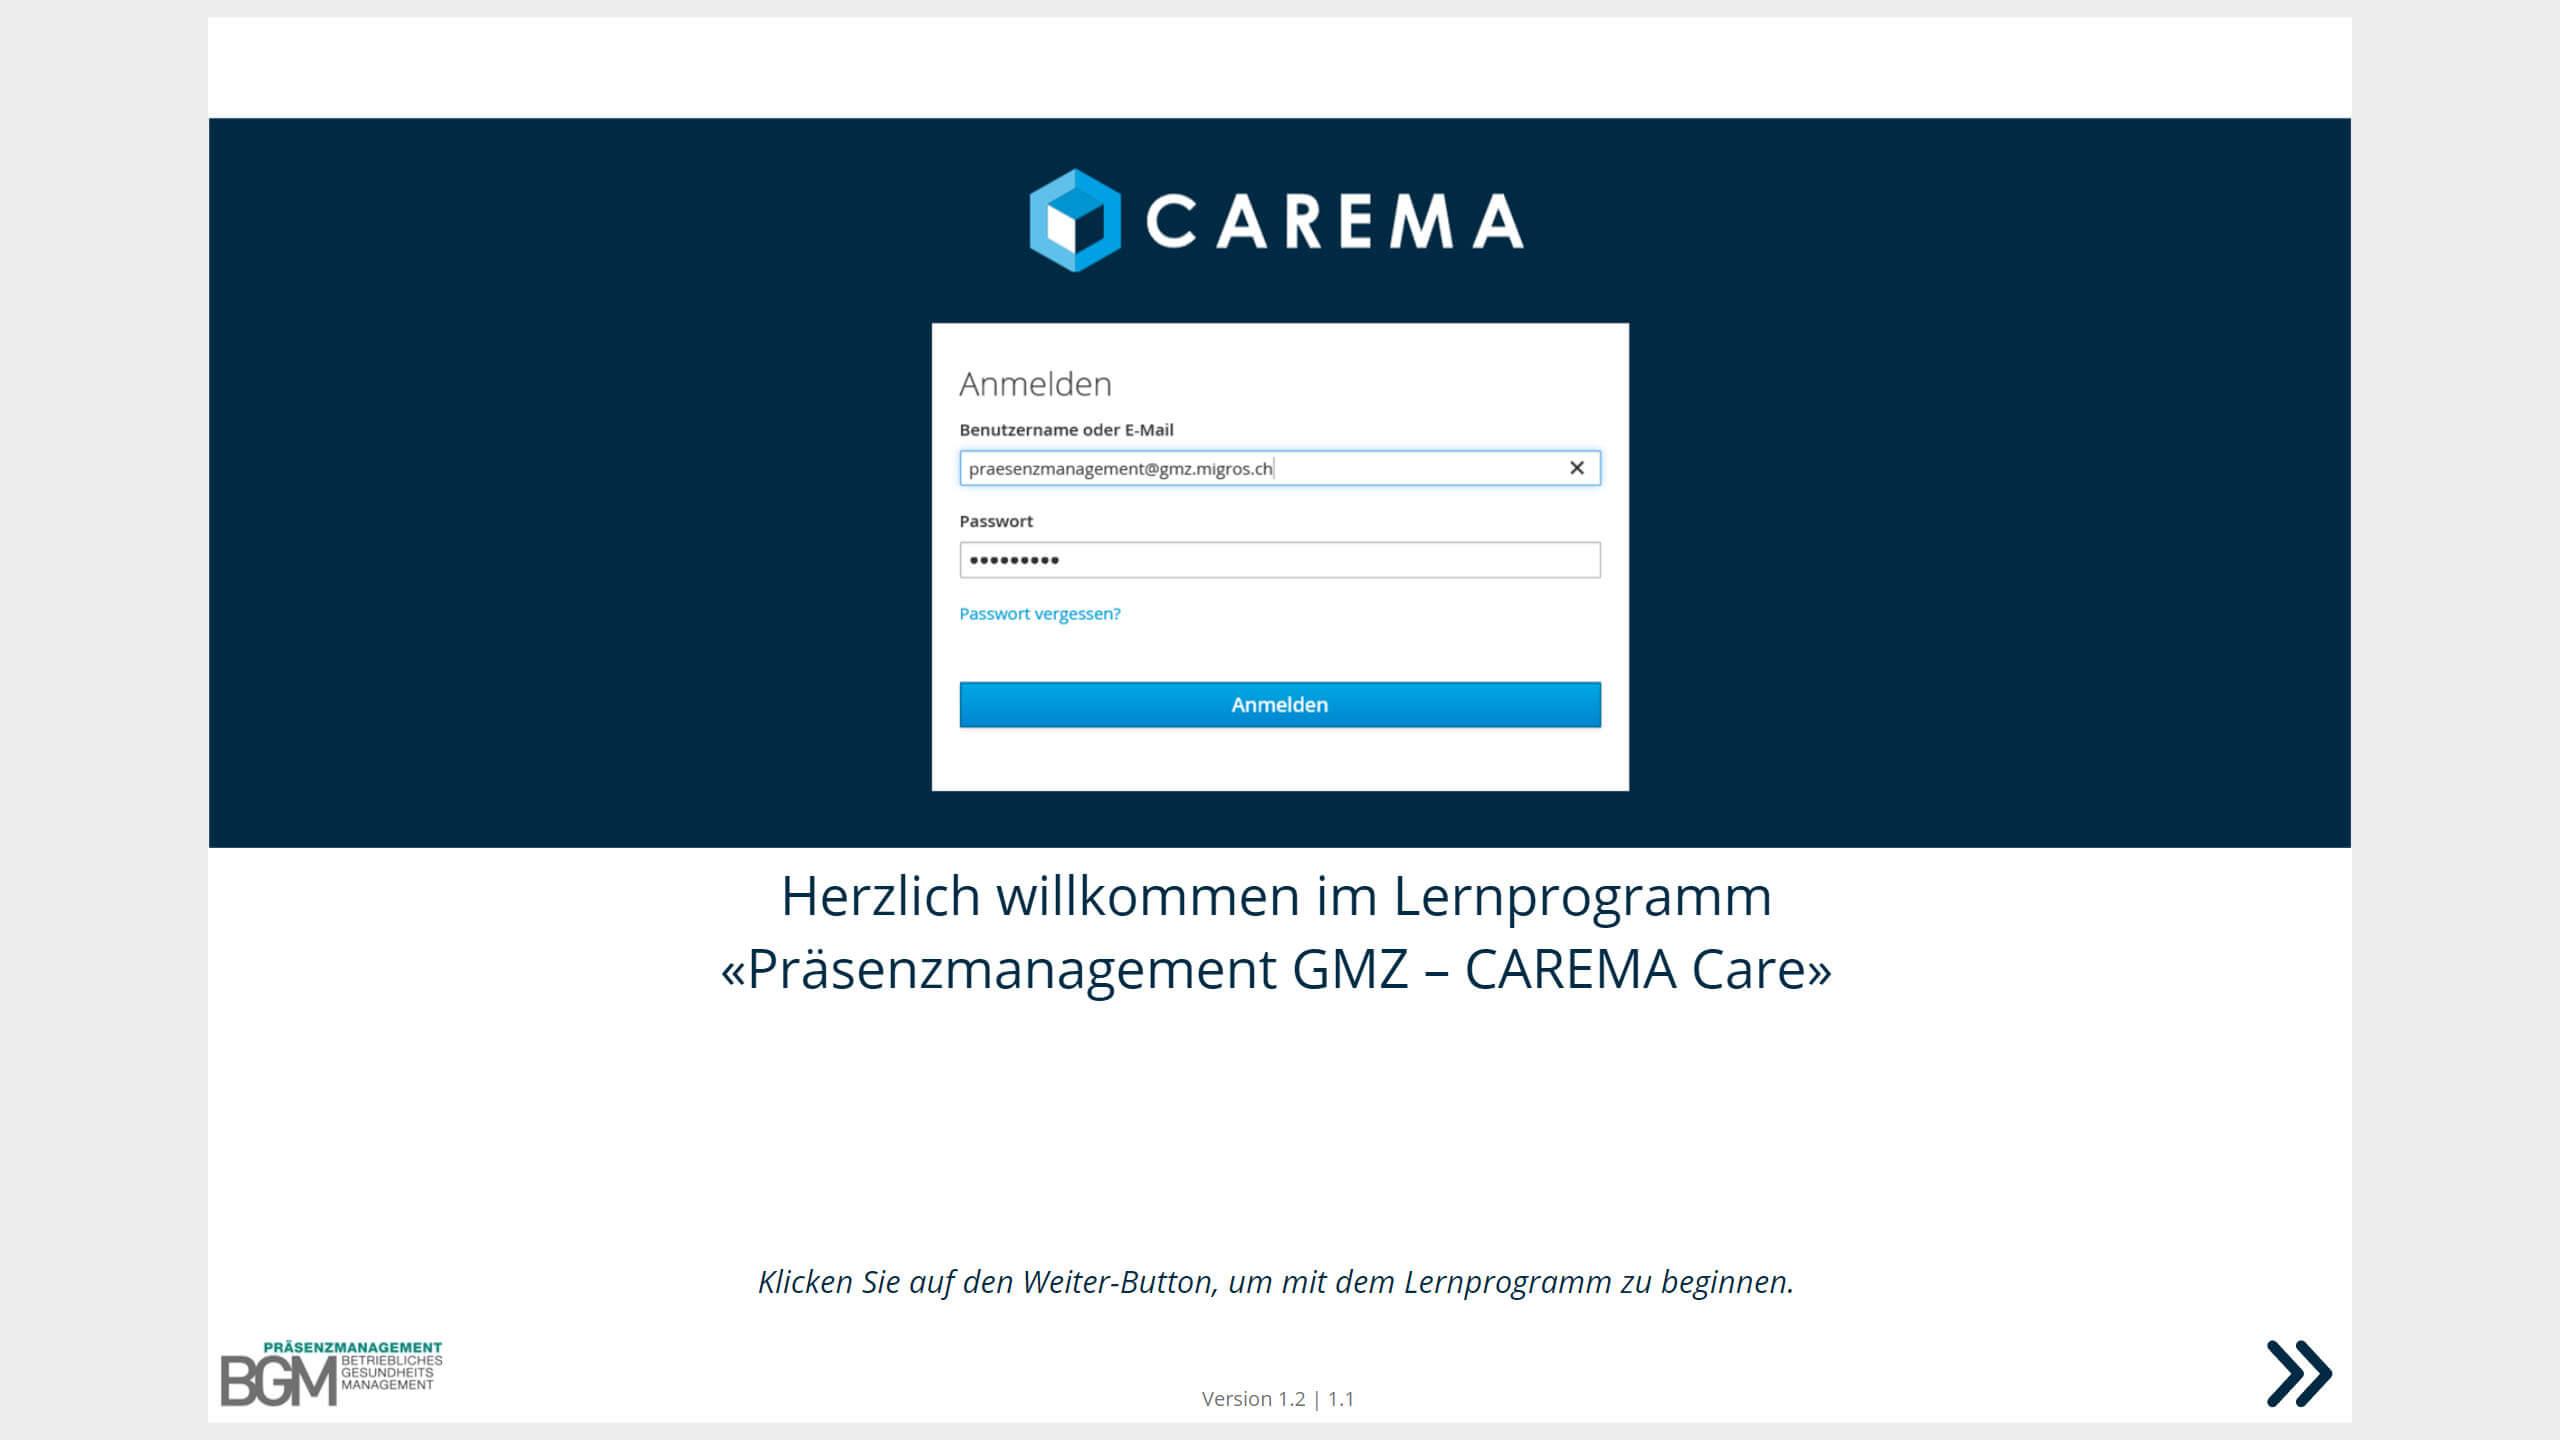 CAREMA Care